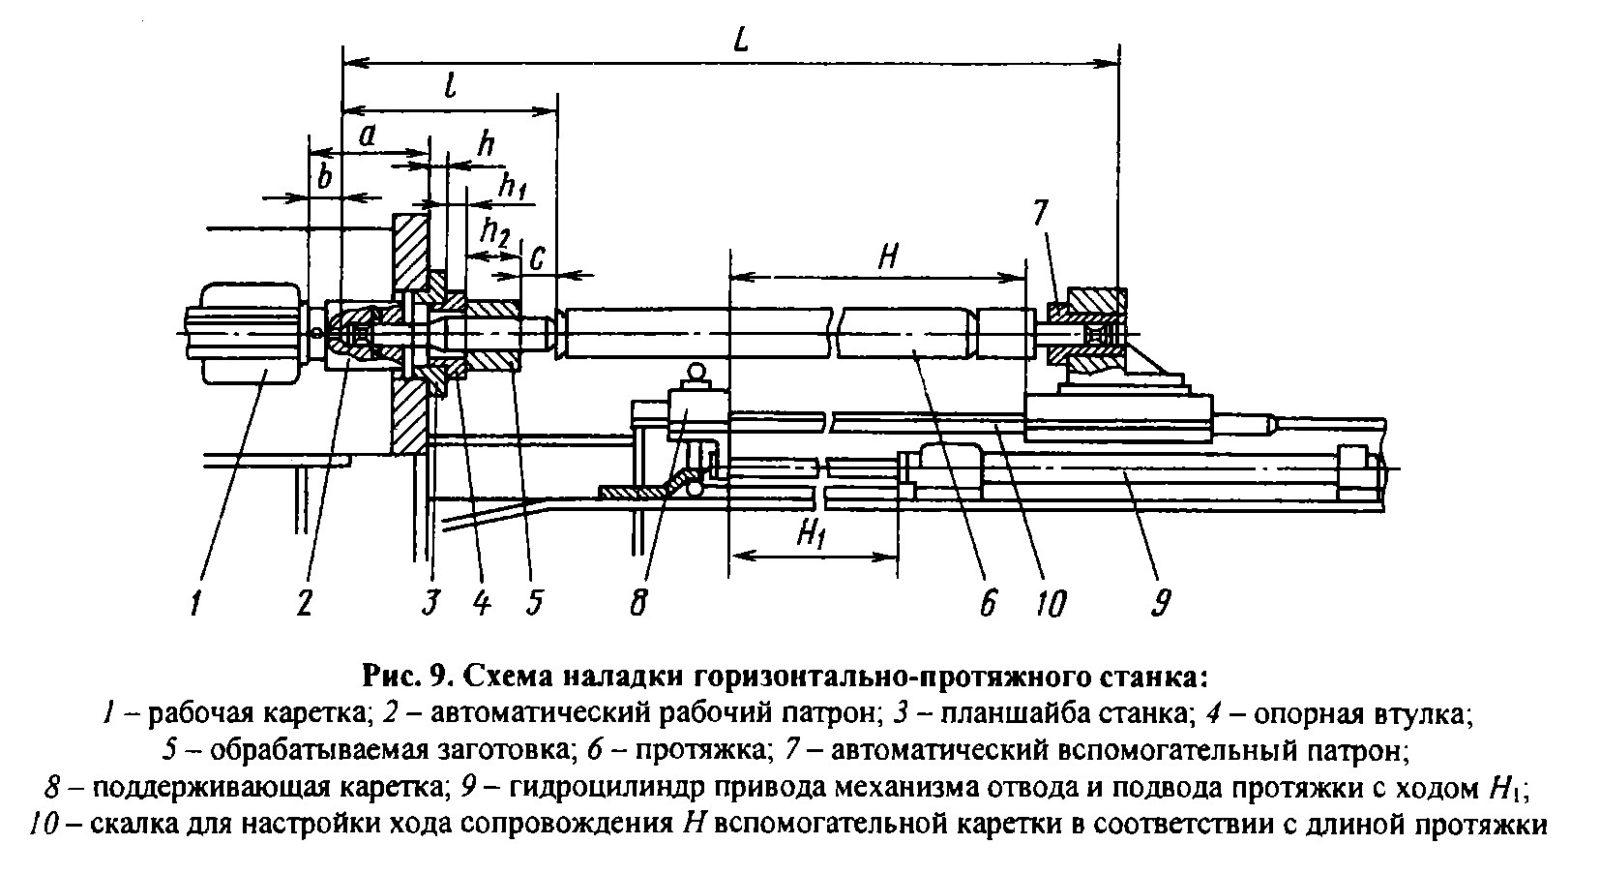 Обработка заготовок на протяжных станках реферат 4406